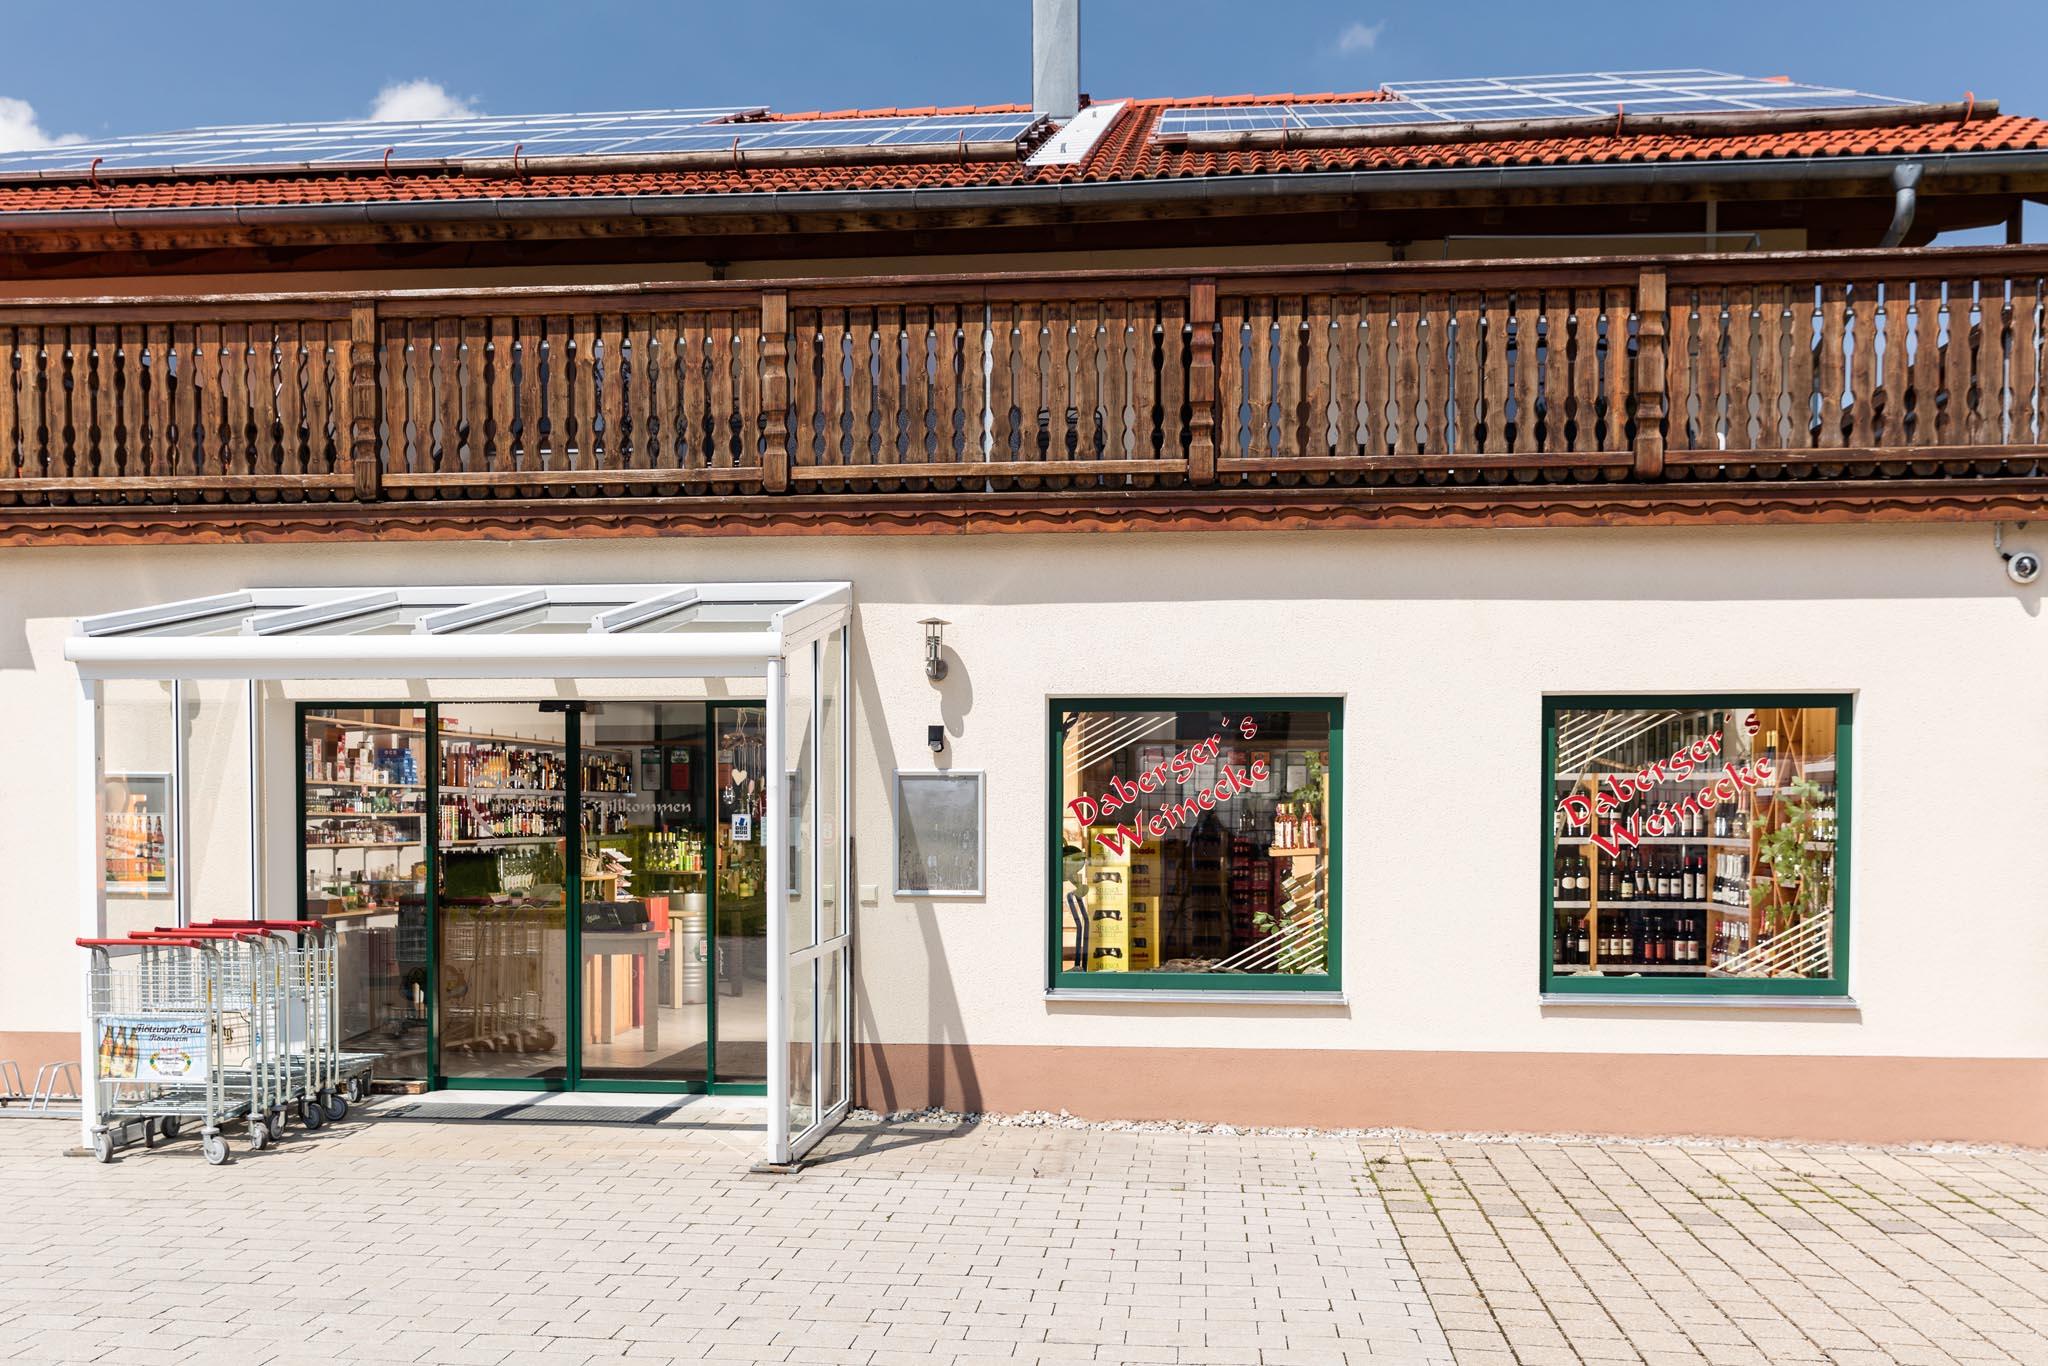 Innenarchitektur Emmendingen berühmt getränke berger fotos das beste architekturbild huepie com